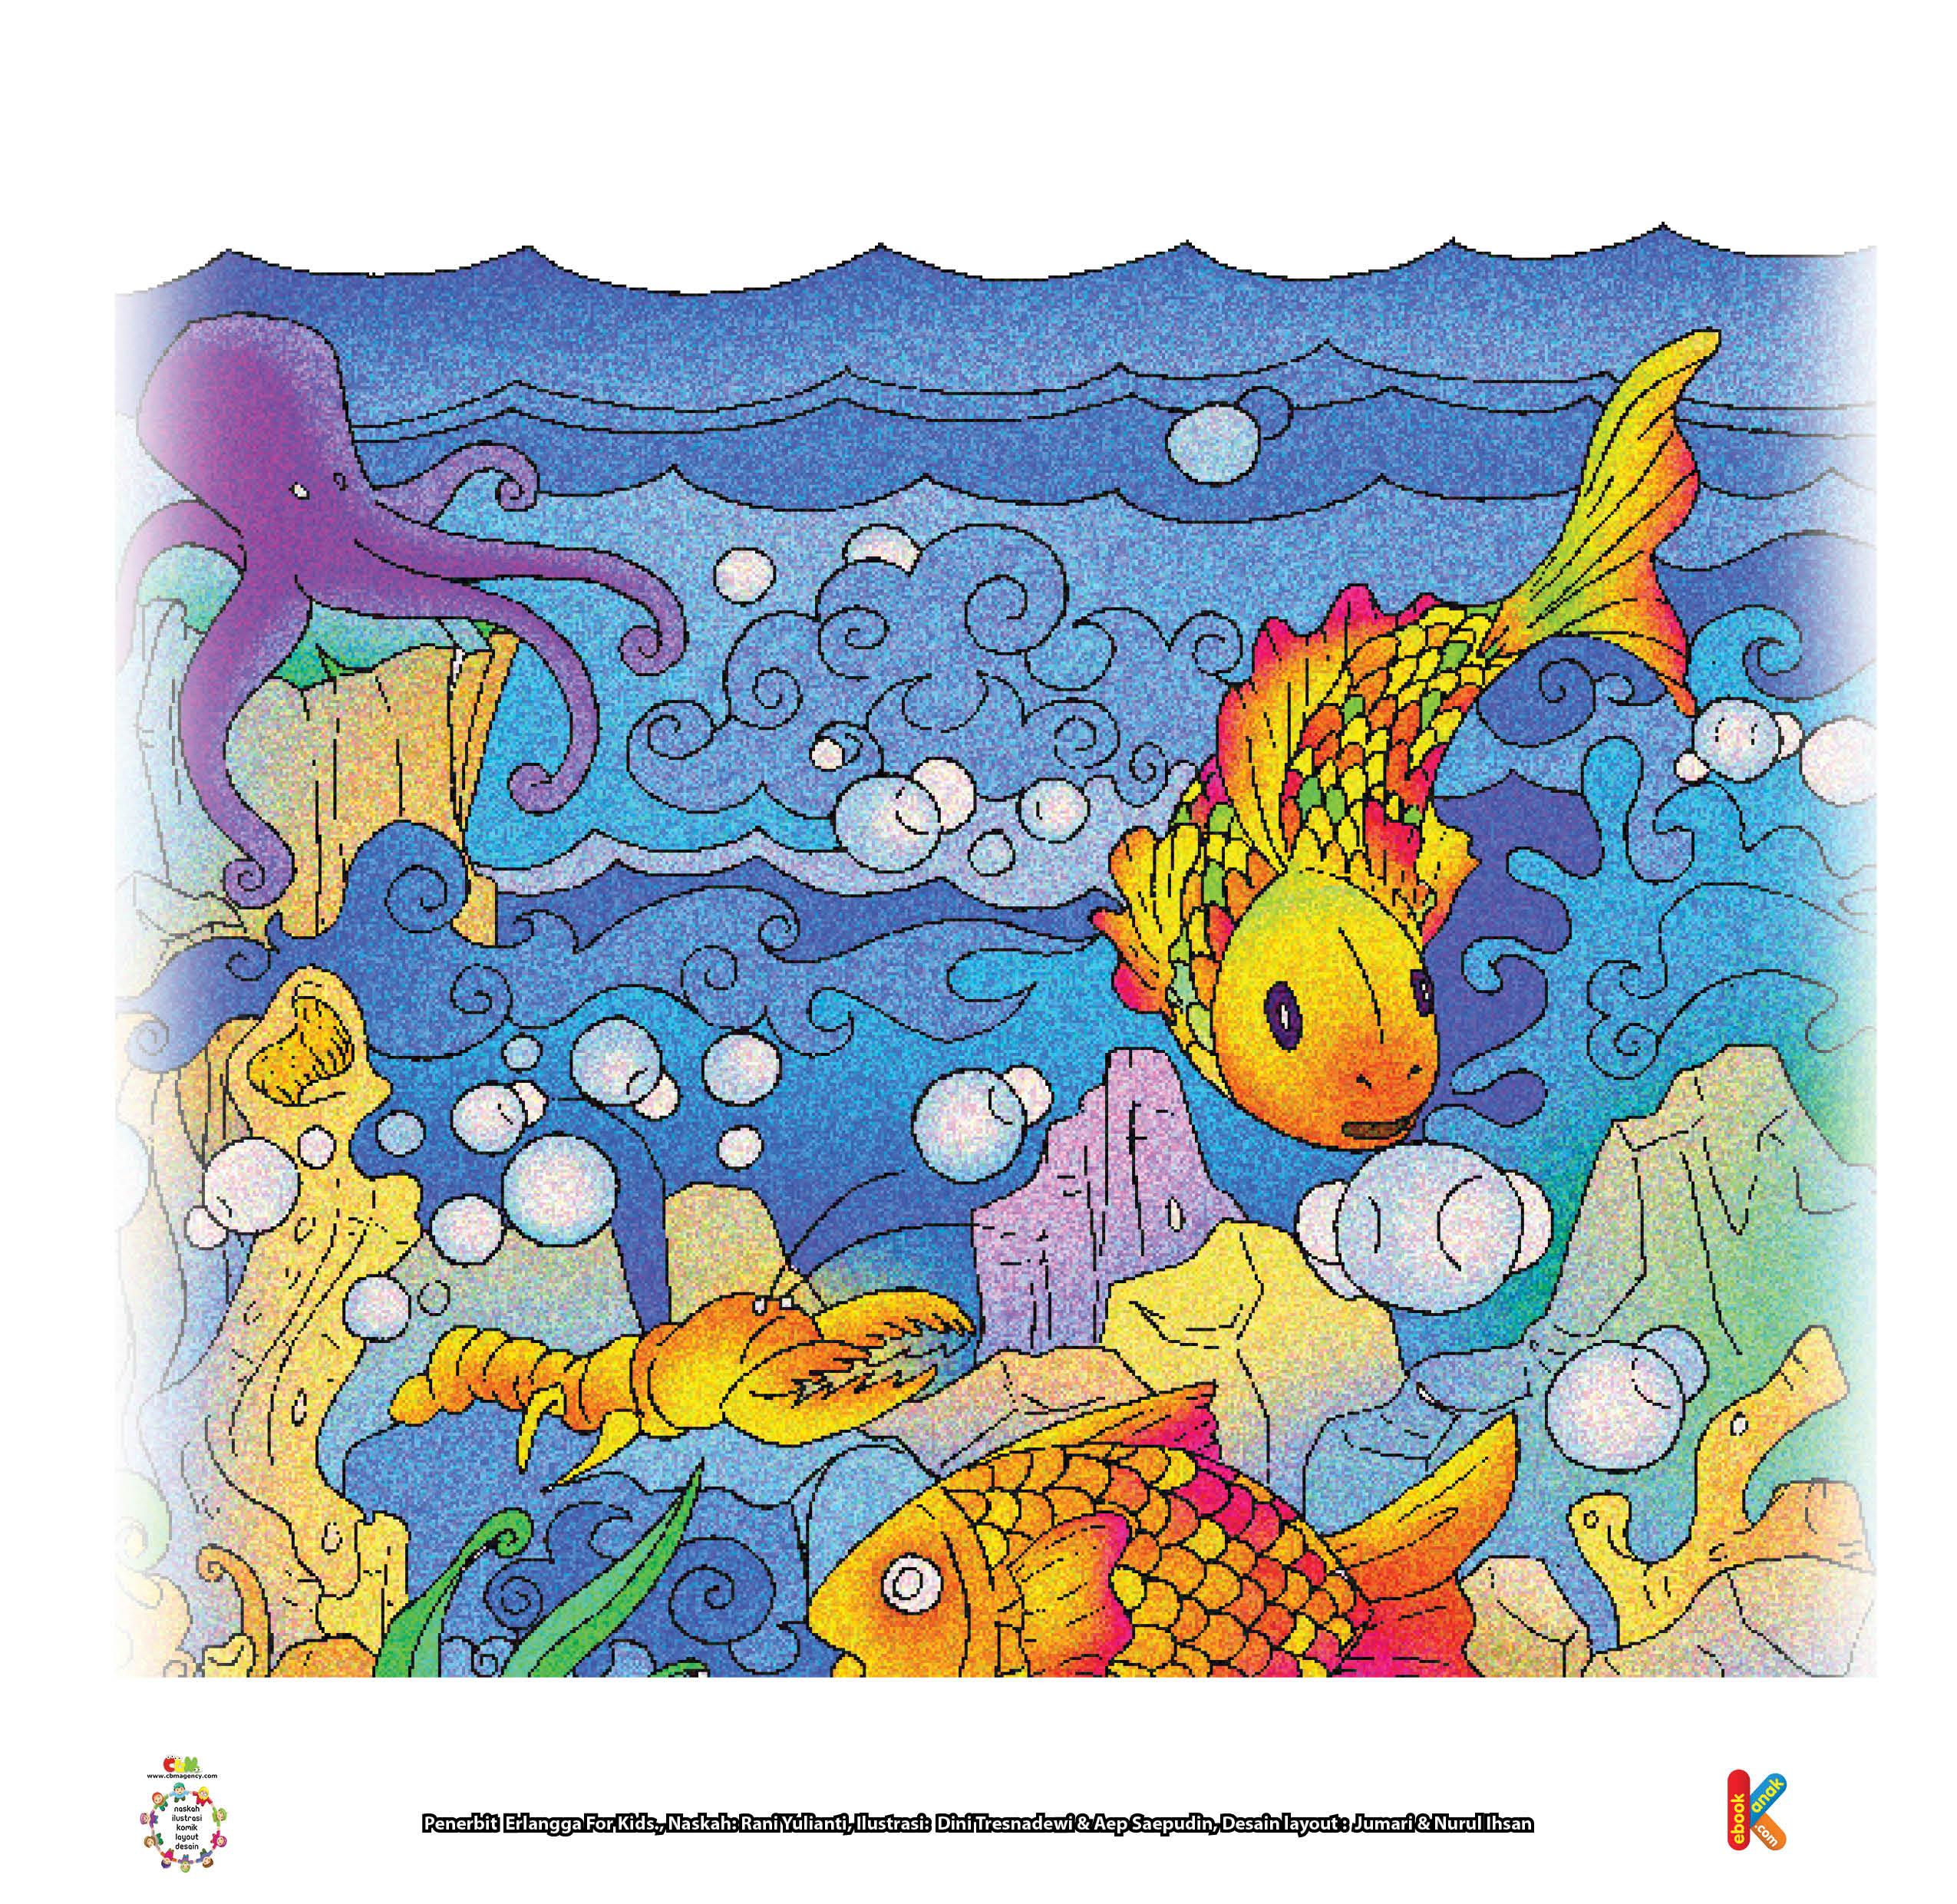 Allah menciptakan berbagai macam makhluk laut, seperti paus dan lumba-lumba, kepiting, udang, lobster, belut, gurita, dan berbagai macam tumbuhan laut.